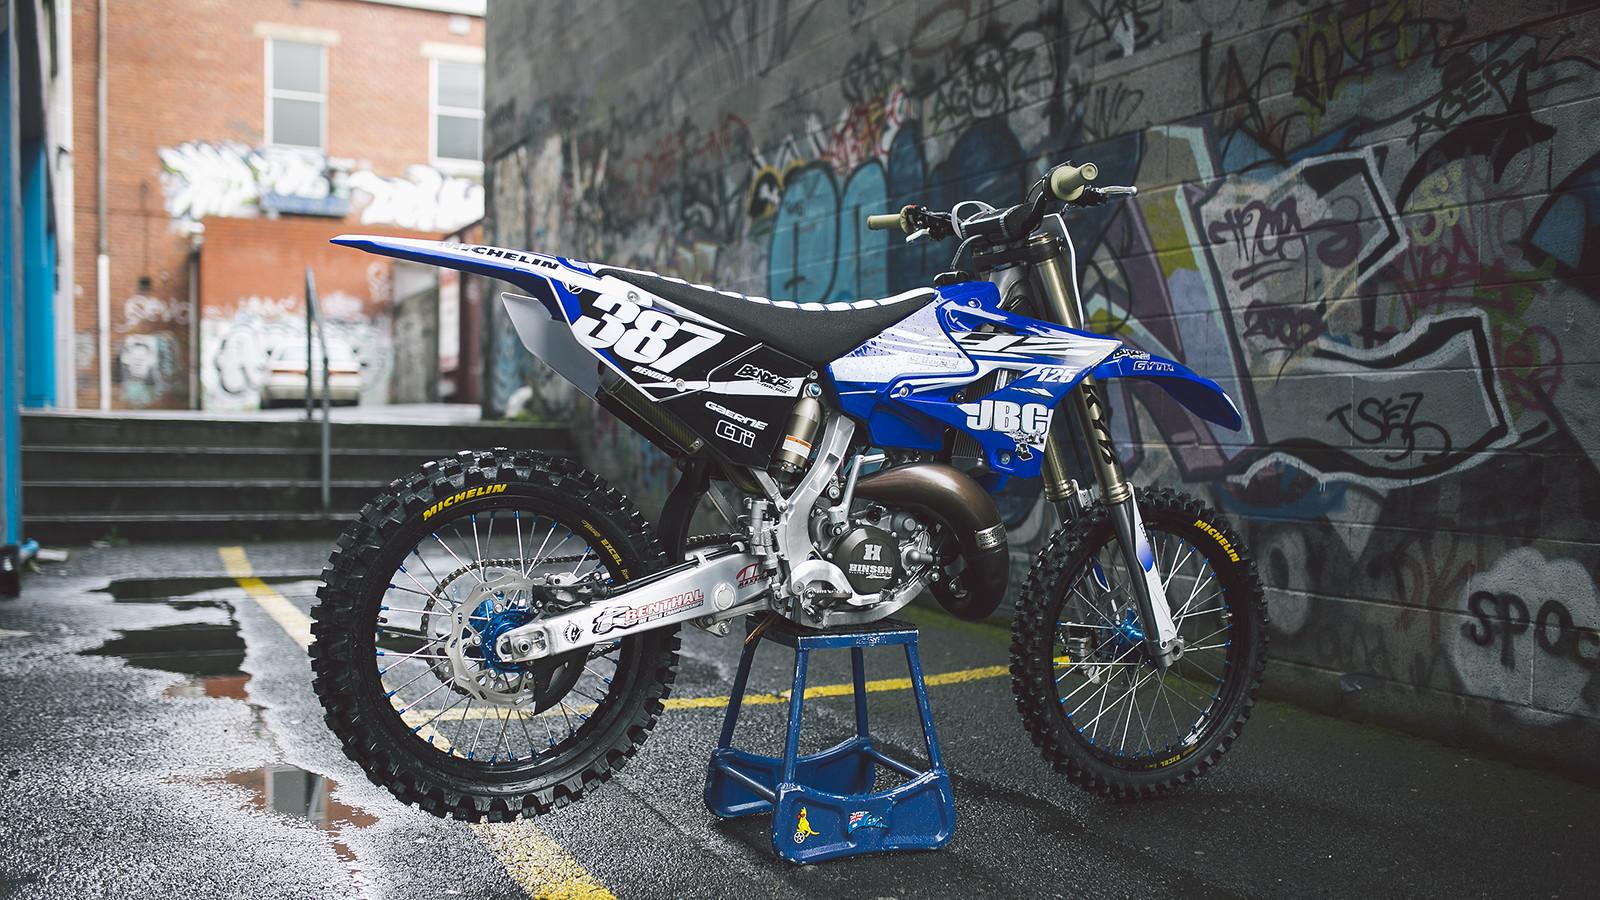 Yz 125 Bender387 S Bike Check Vital Mx